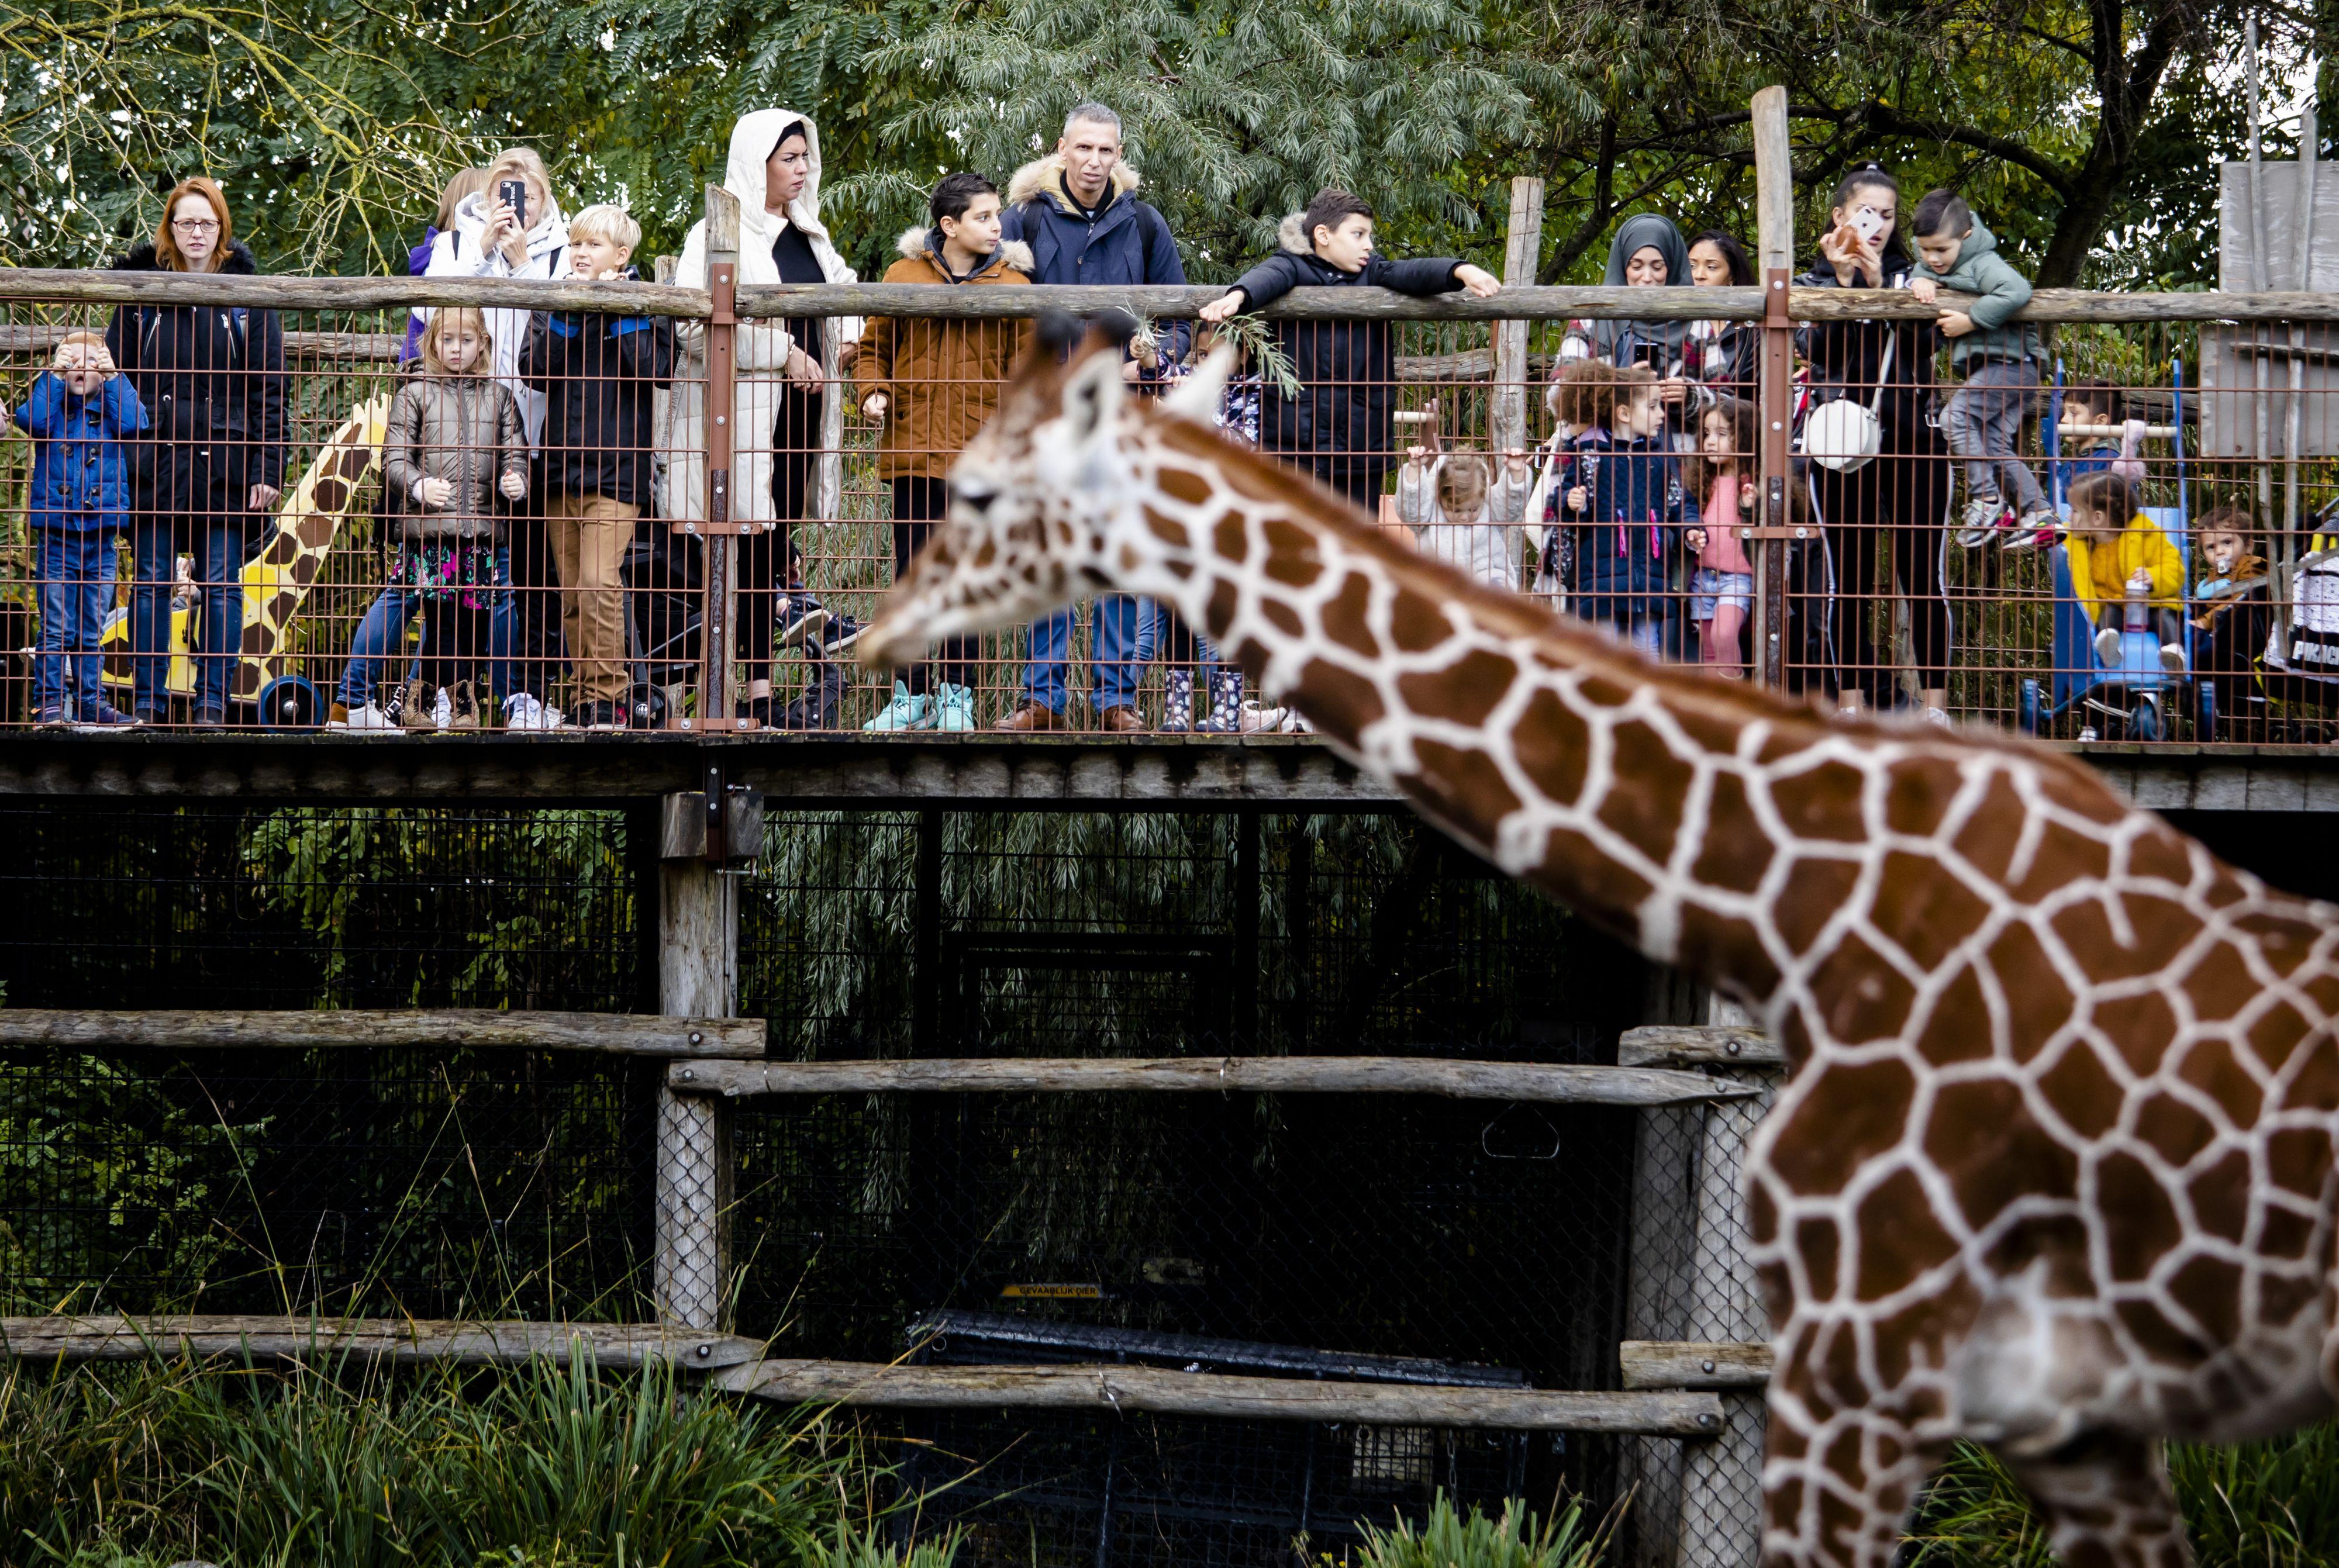 Overzicht: wanneer pretparken / dierentuinen open?